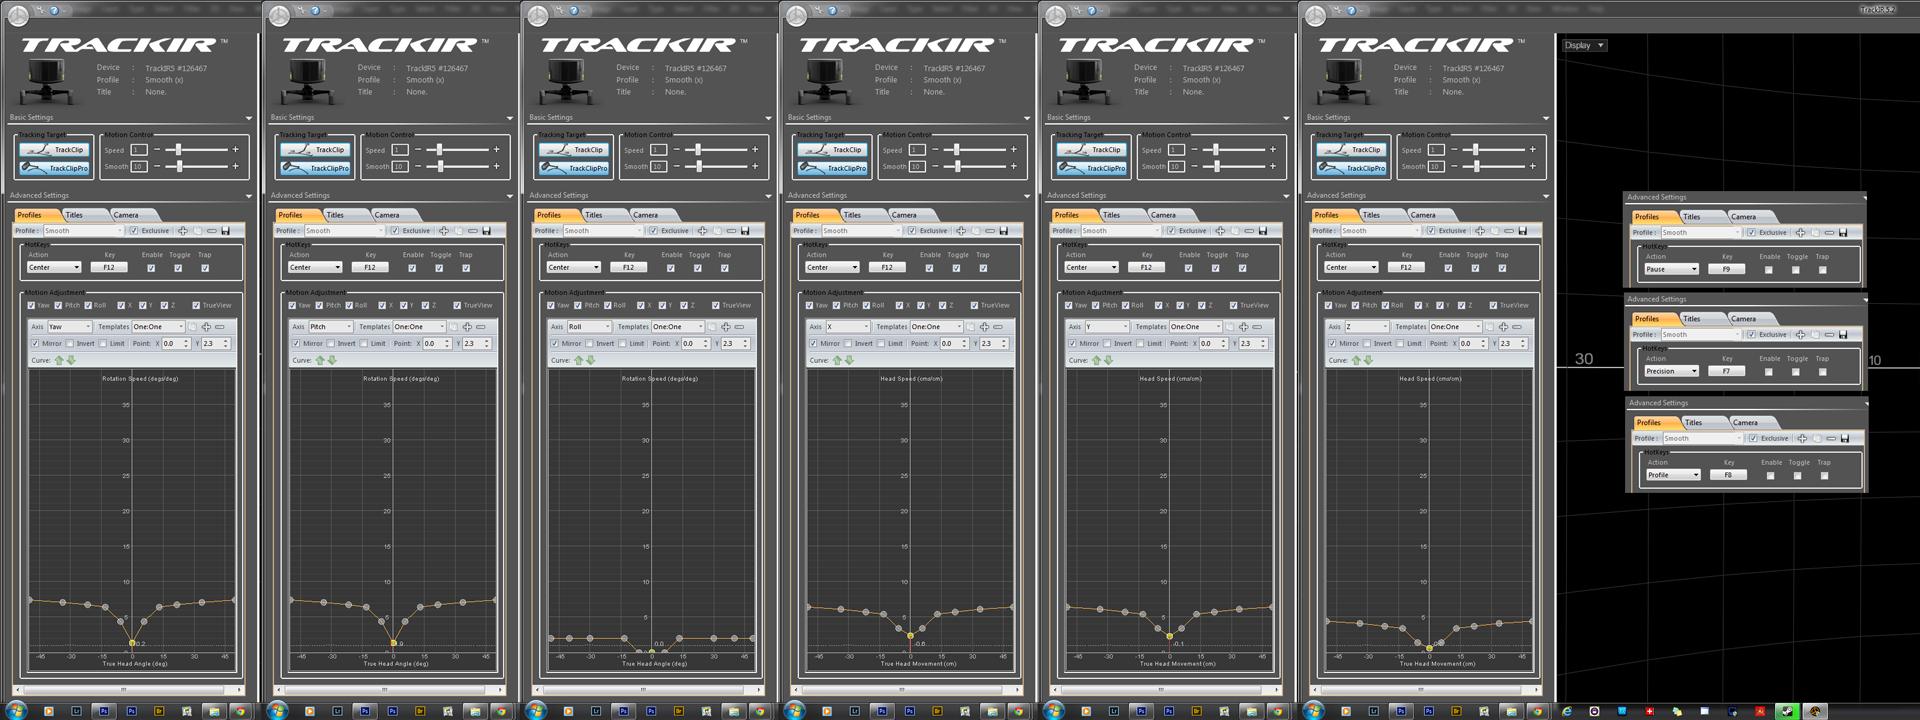 Head Range Plus: Improved TrackIR Movement - ARMA 3 ...